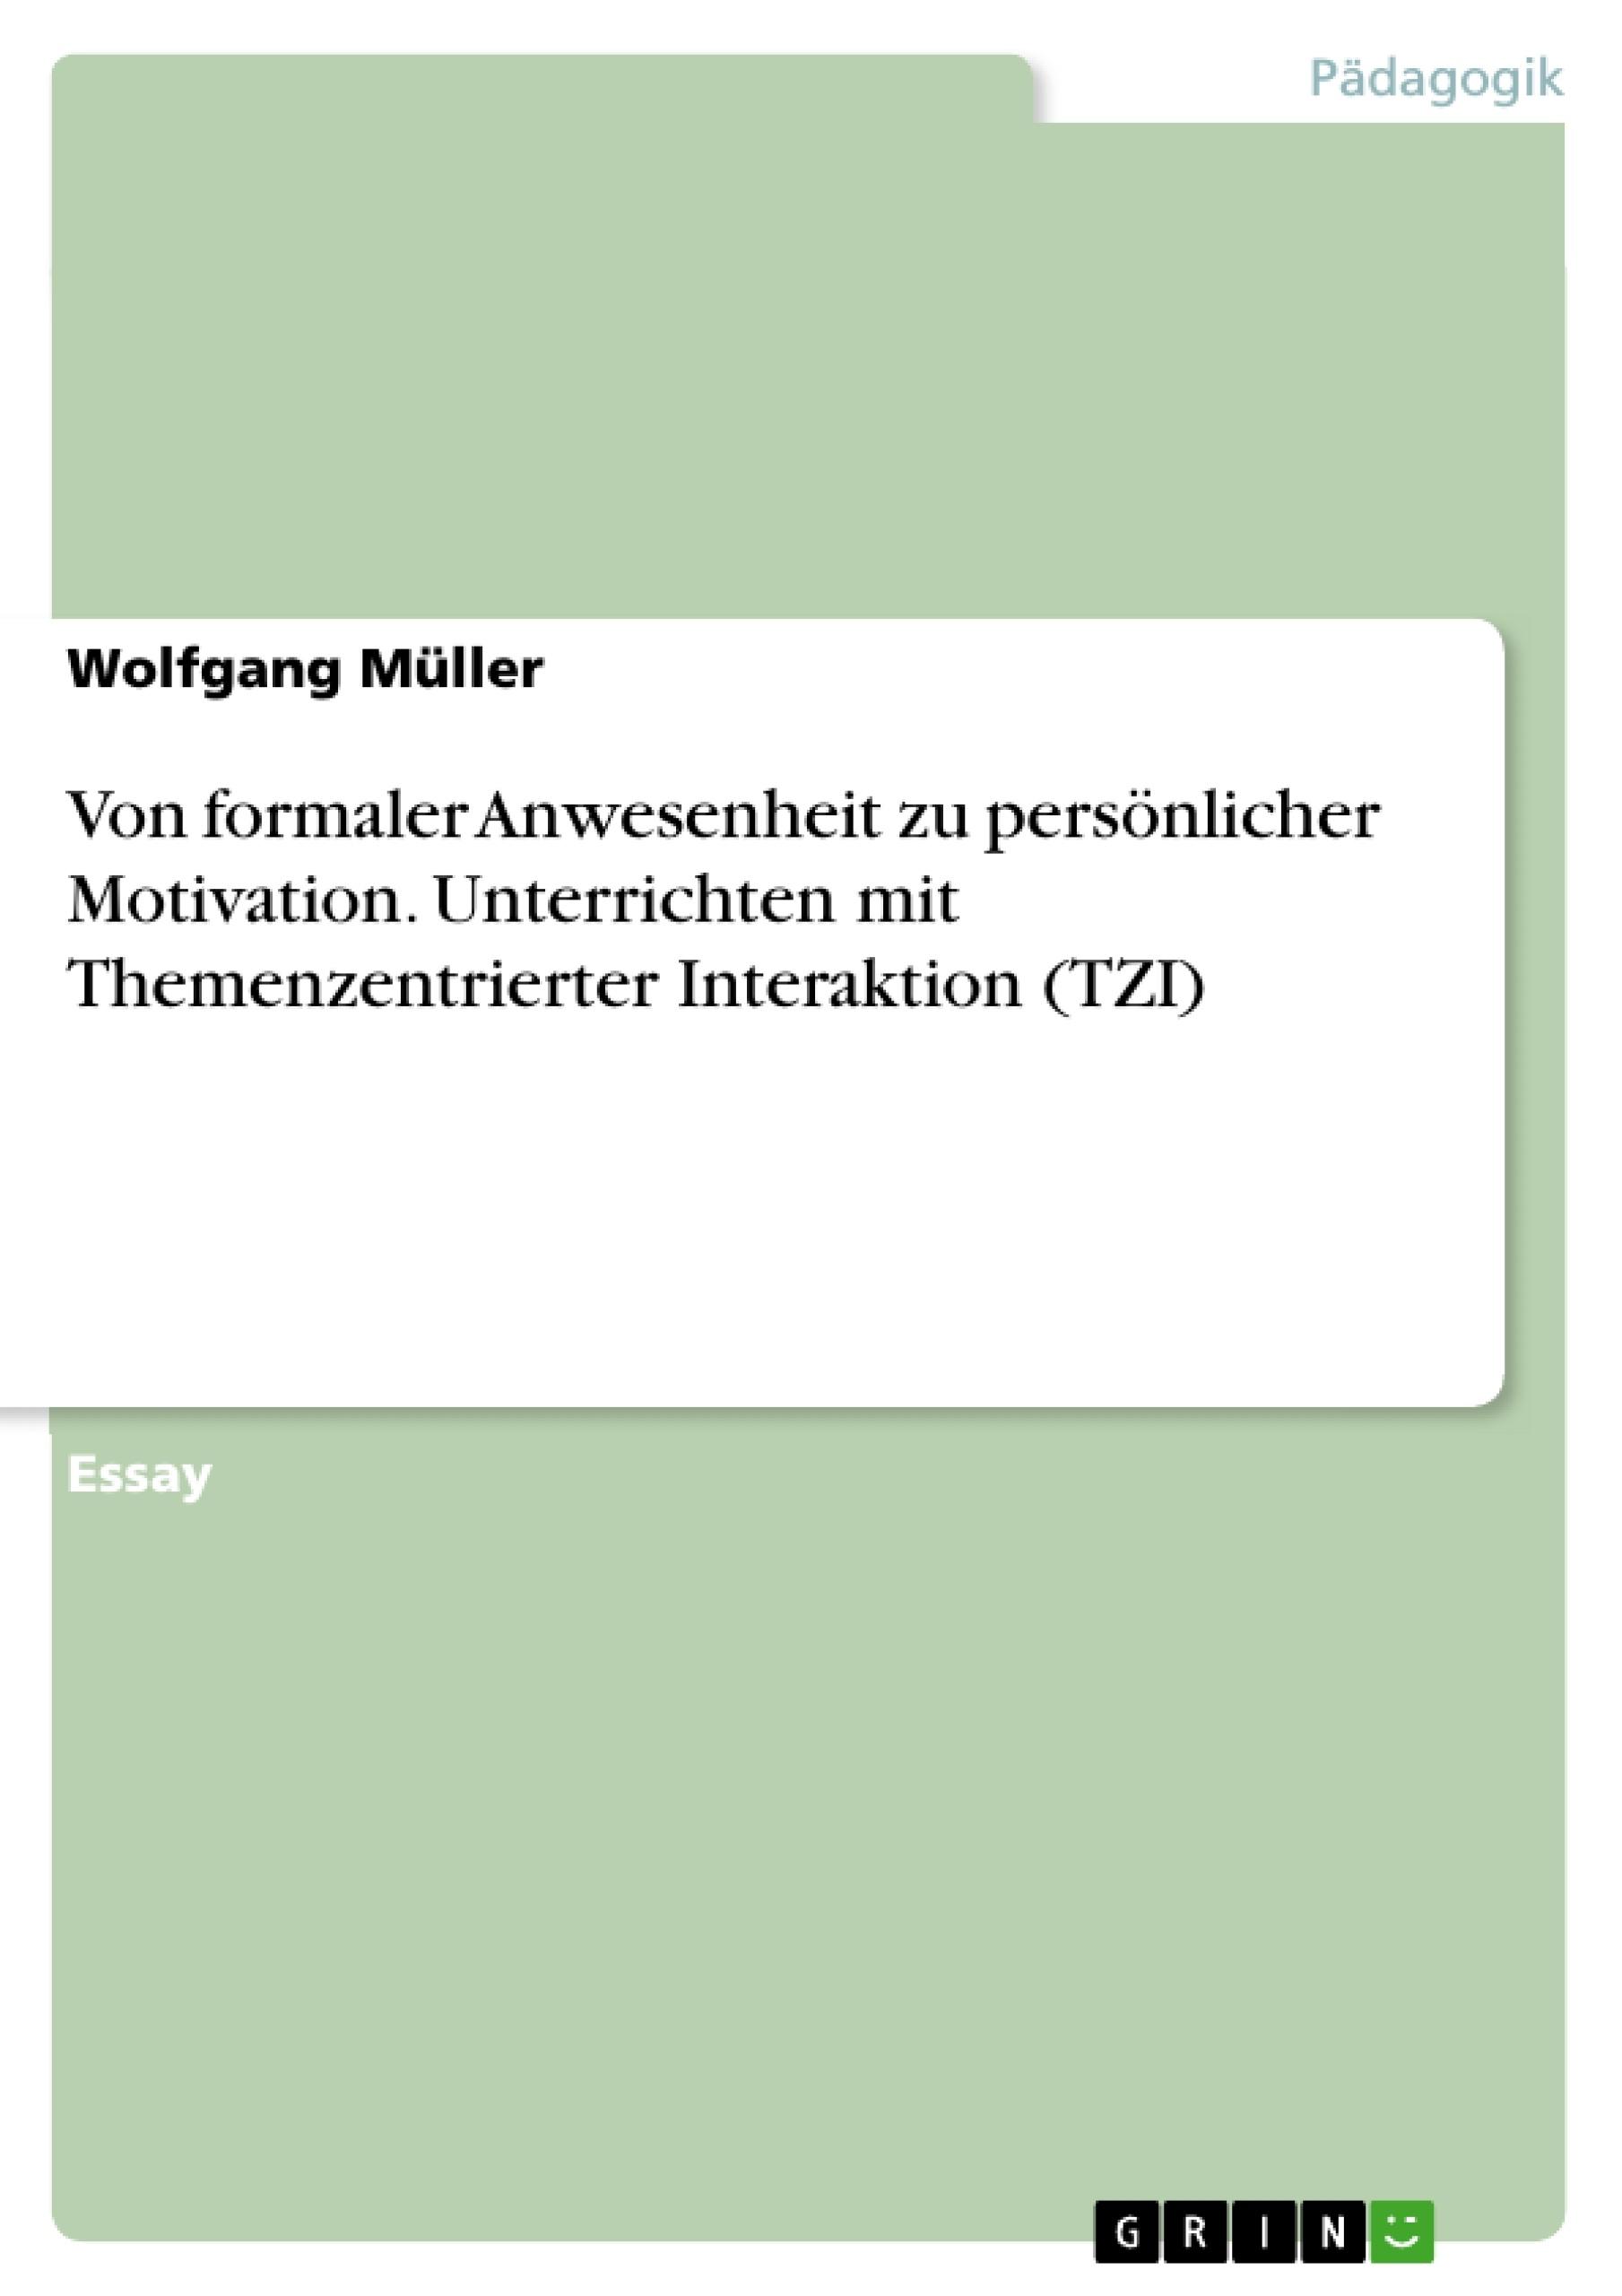 Titel: Von formaler Anwesenheit zu persönlicher Motivation. Unterrichten mit Themenzentrierter Interaktion (TZI)